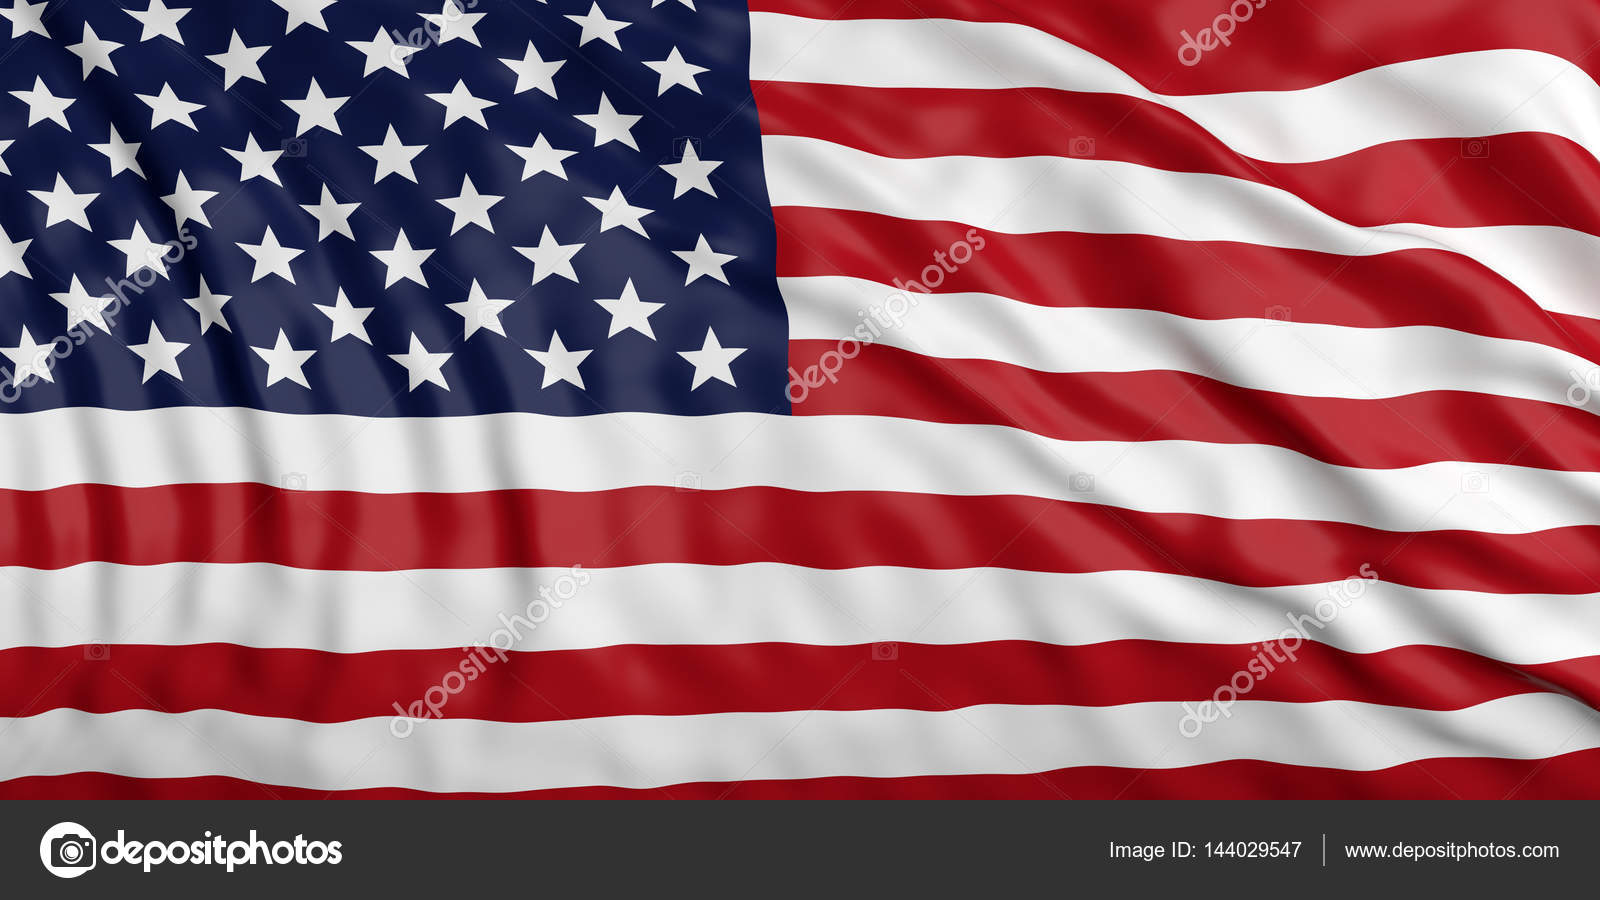 Renuncia la bandera de Estados Unidos. Ilustración 3D — Foto de ...